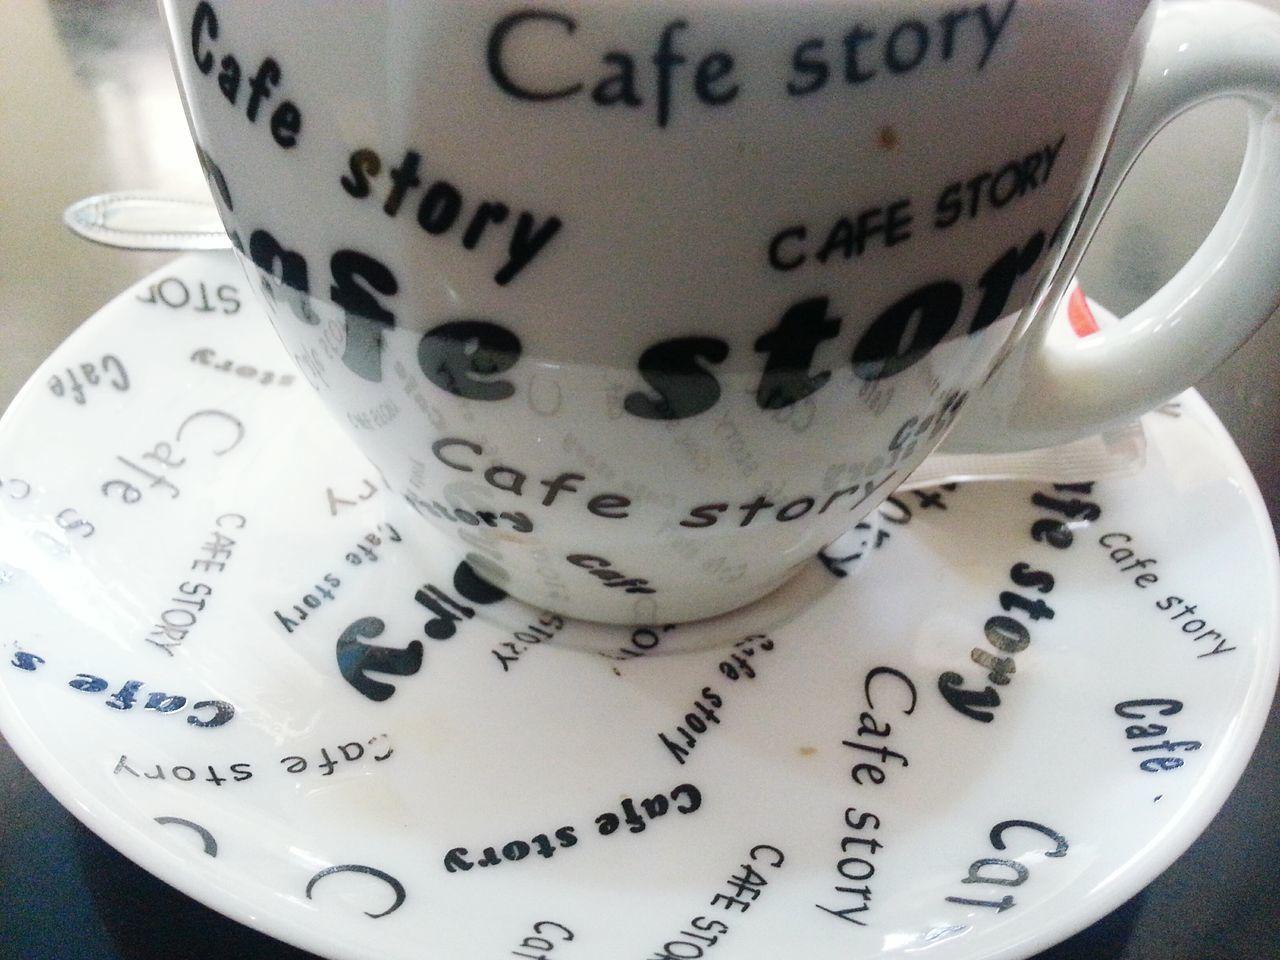 Caffè Cafe Time Cafe Caffeineg Cafe Latte Cafelatte Caccao